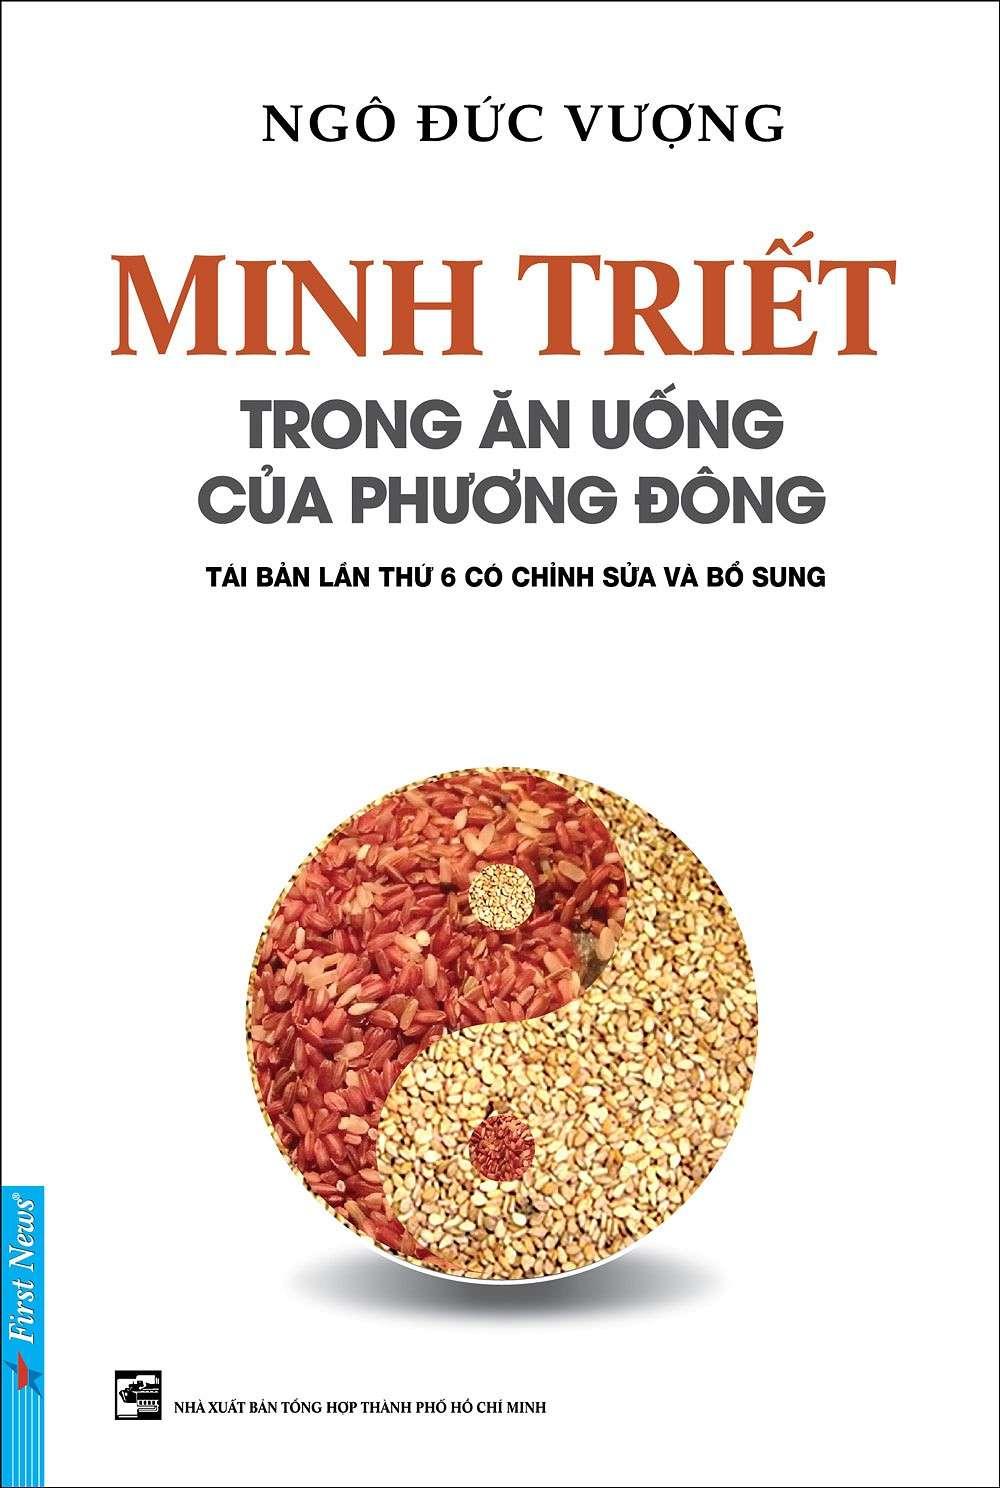 sach minh triet trong an uong cua phuong dong 8 cuốn sách hay về sức khỏe giúp bạn xây dựng lối sống lành mạnh và khoa học